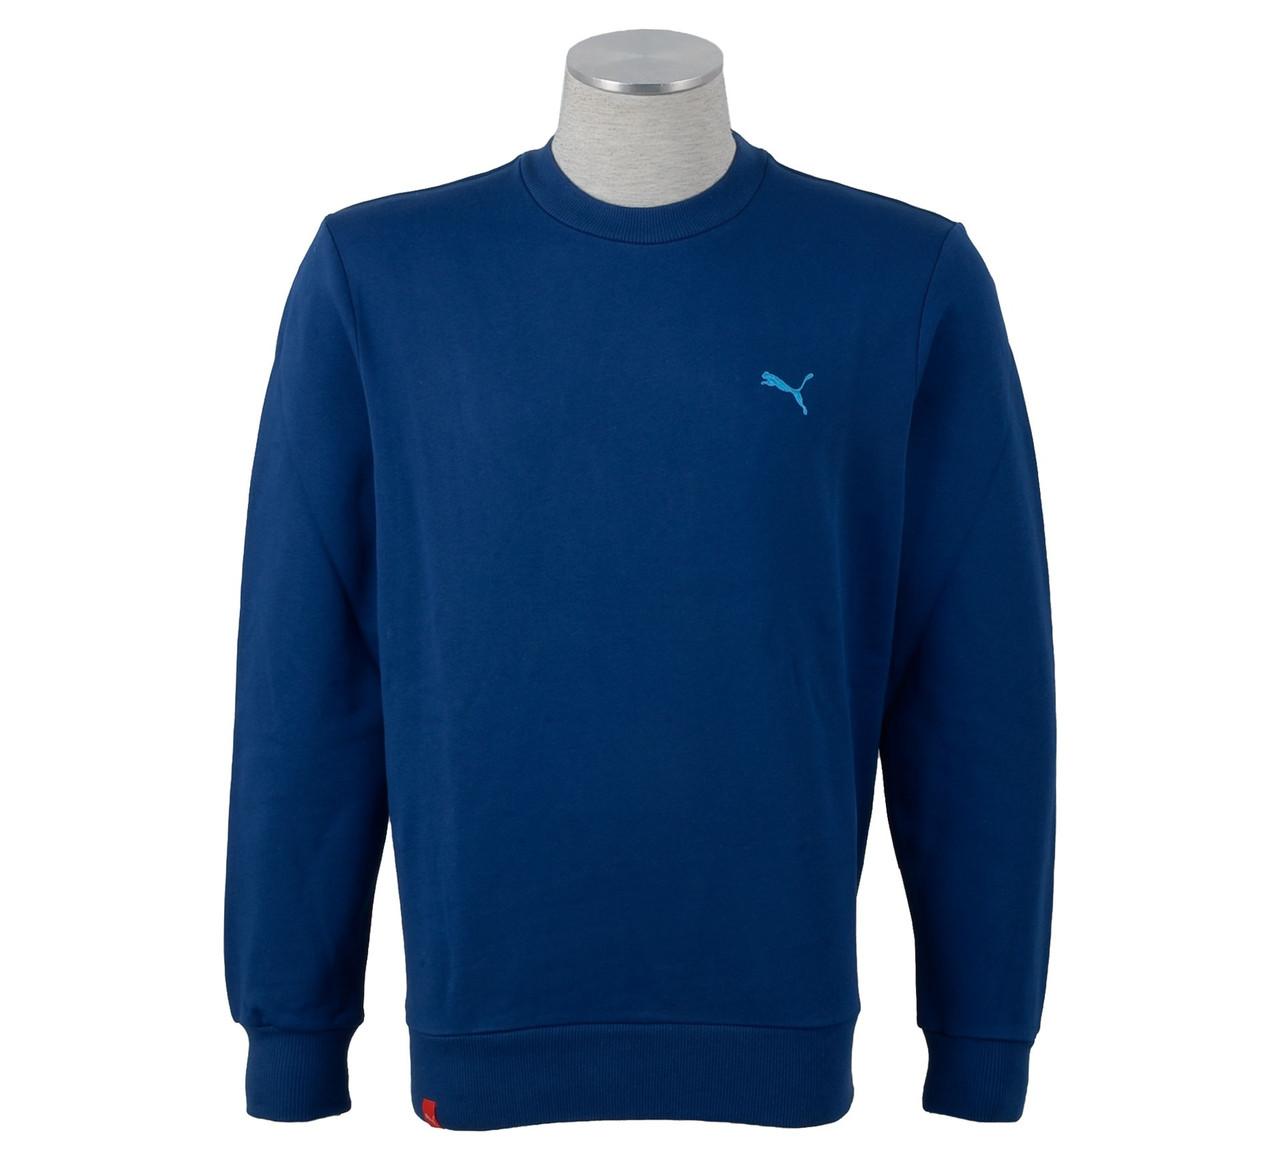 Толстовка спортивная мужская Puma Essential Crew Sweater Men's 817026 02 пума